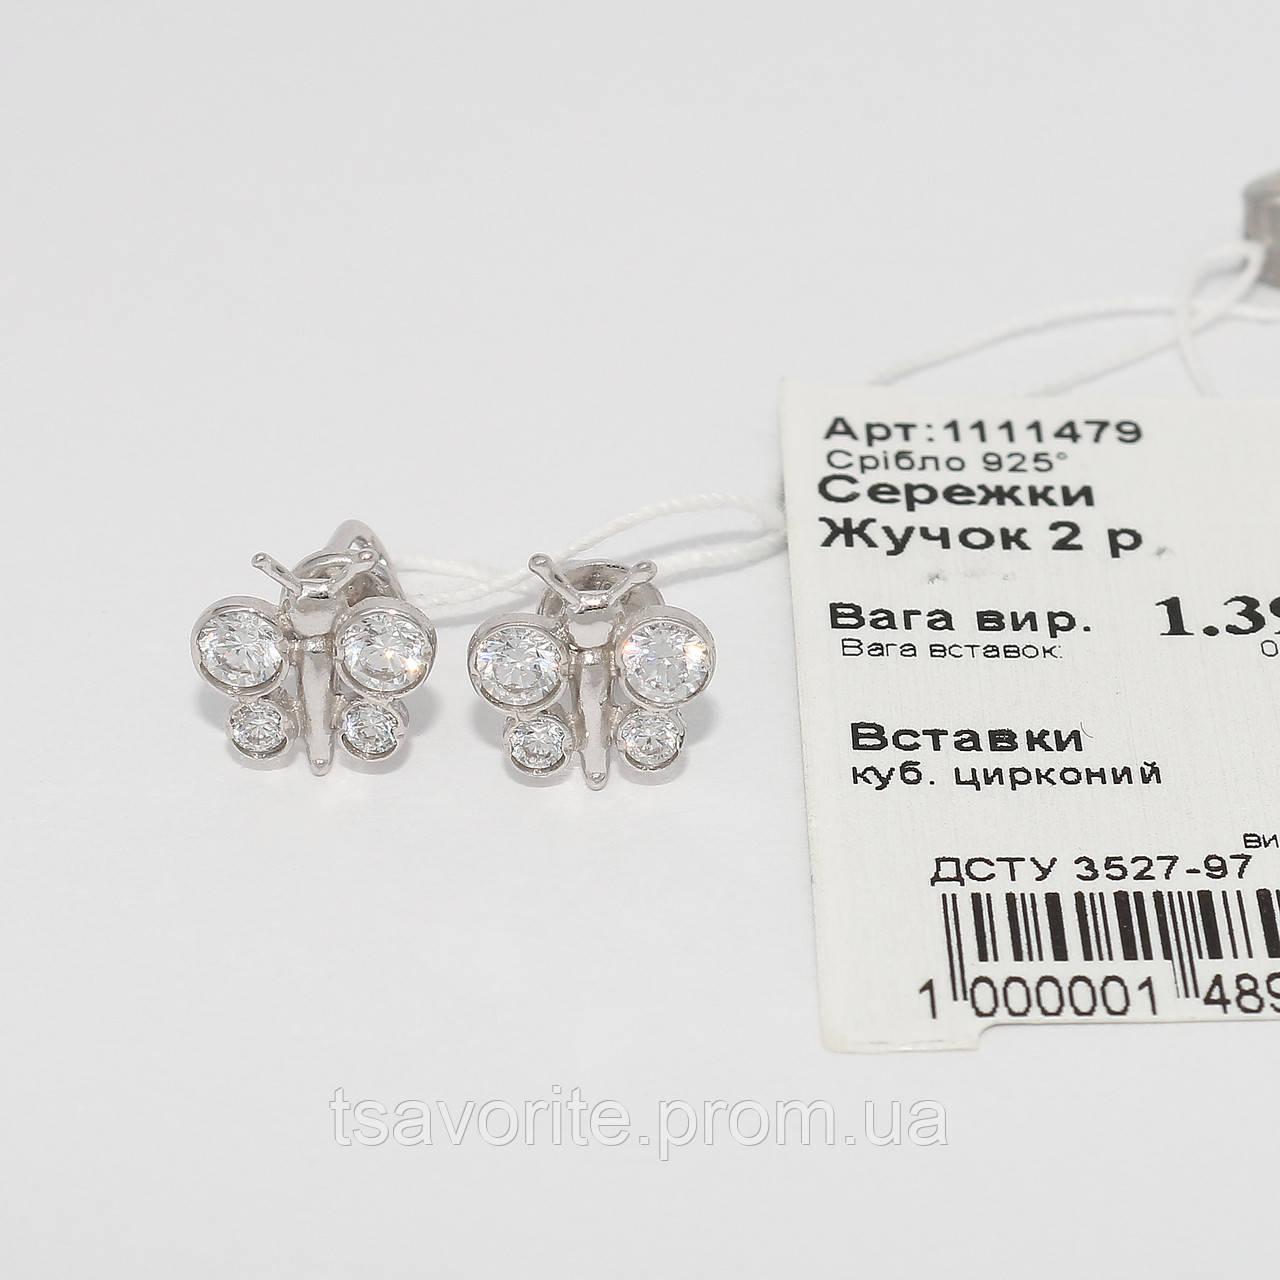 Серебряные серьги 1111479